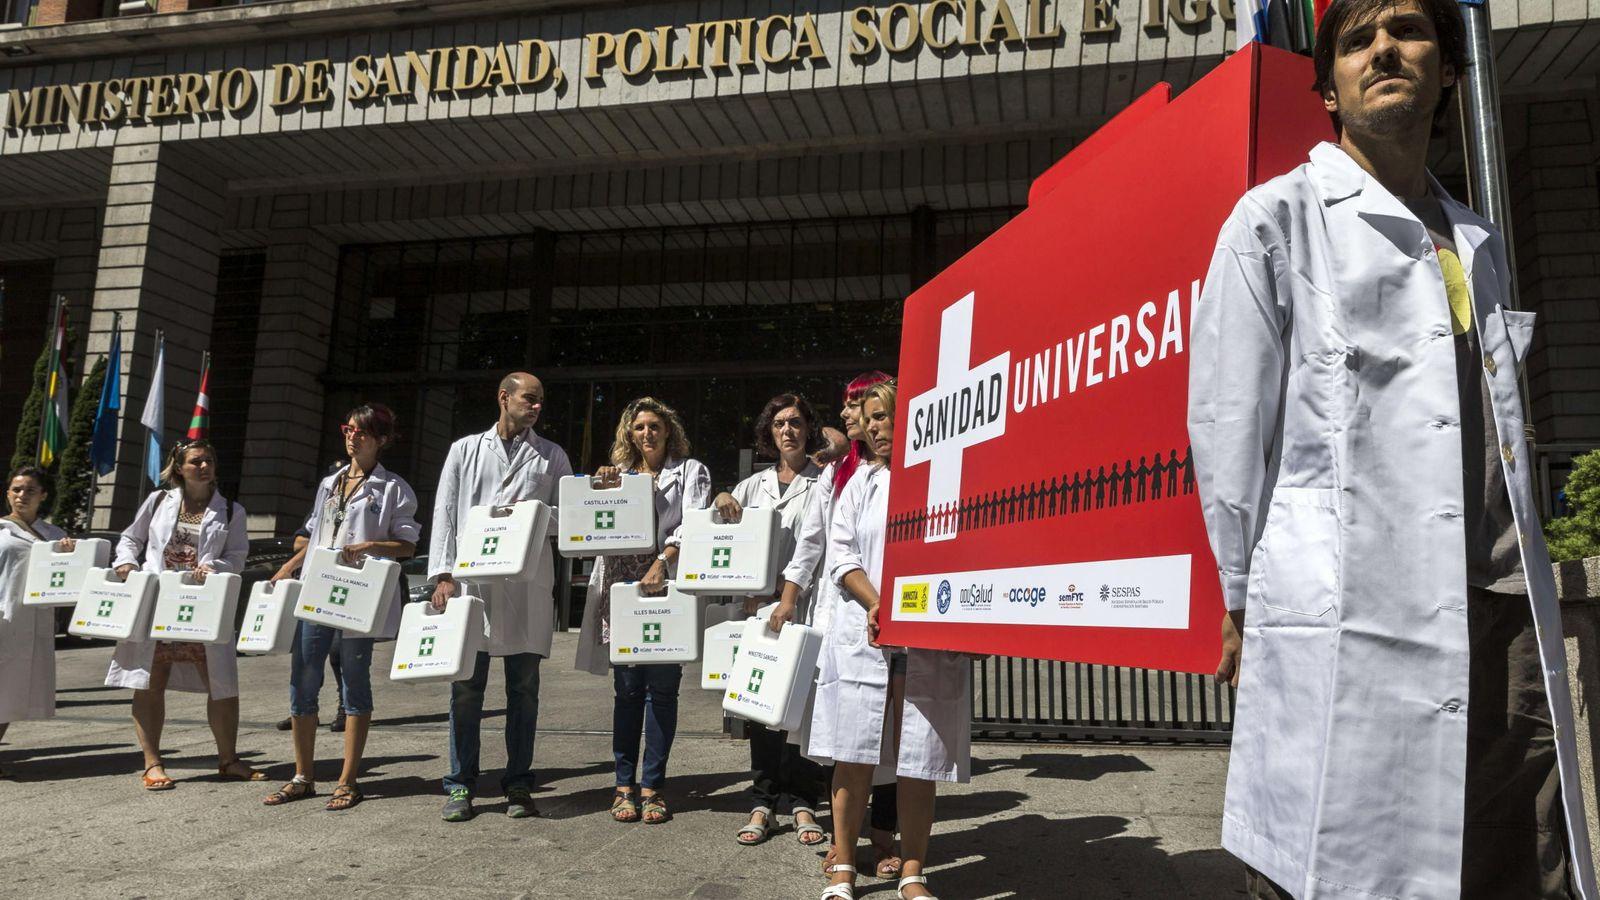 Foto: Protestas frente al ministerio de Sanidad para pedir la atención sanitaria a todas las personas que viven en España. (EFE)